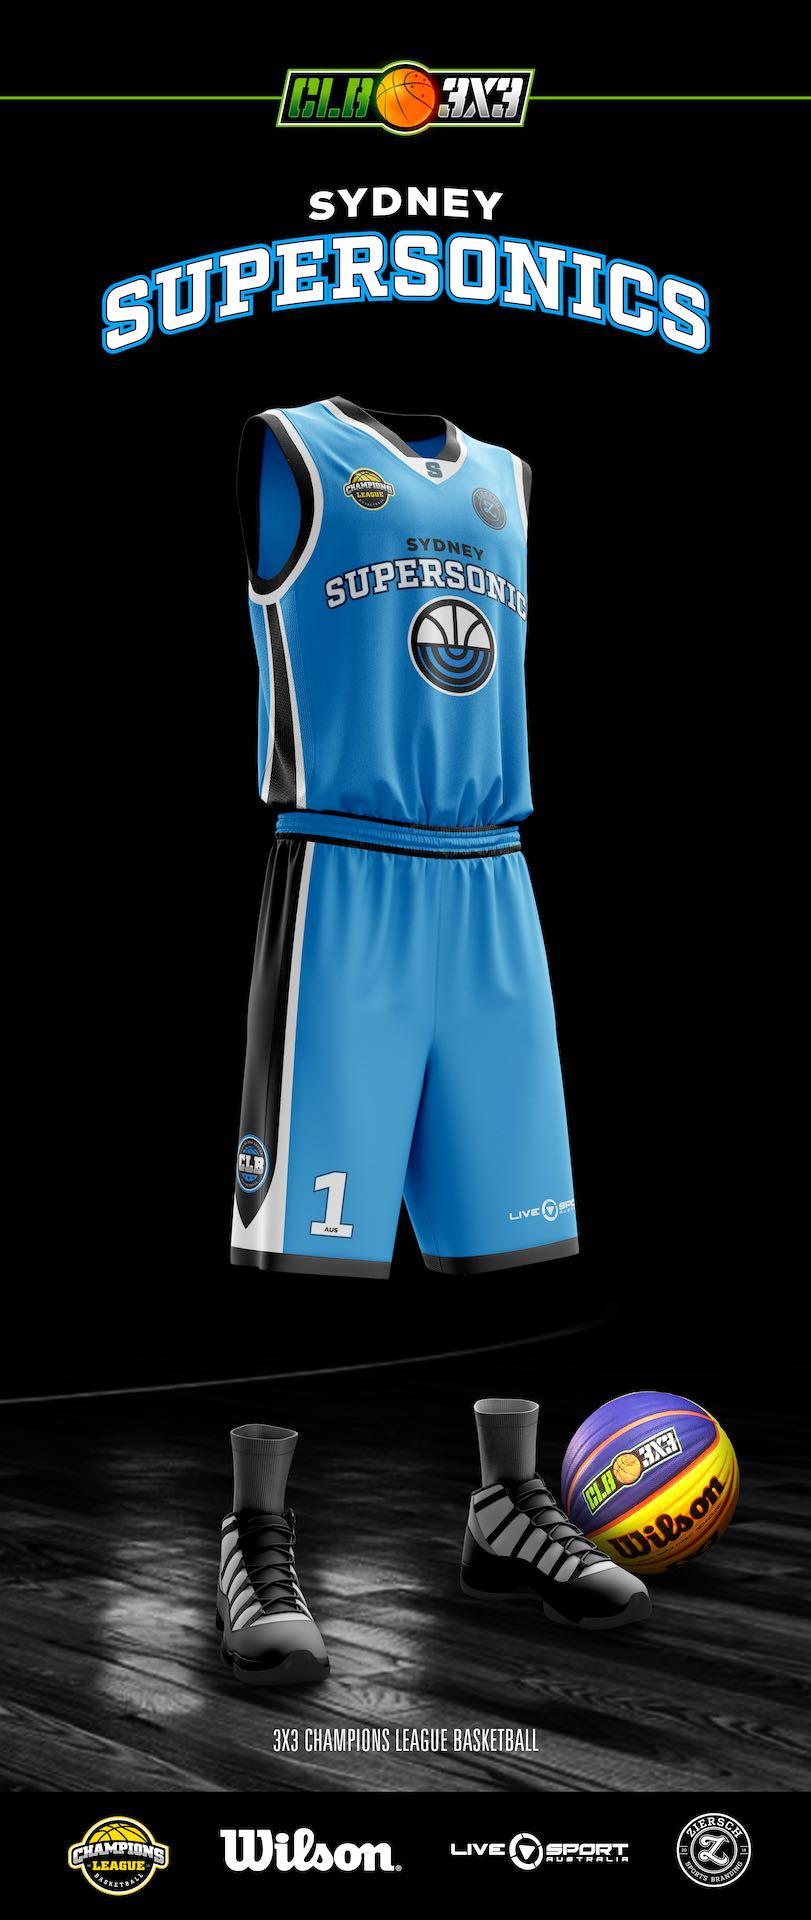 Sydney Supersonics - Uniform